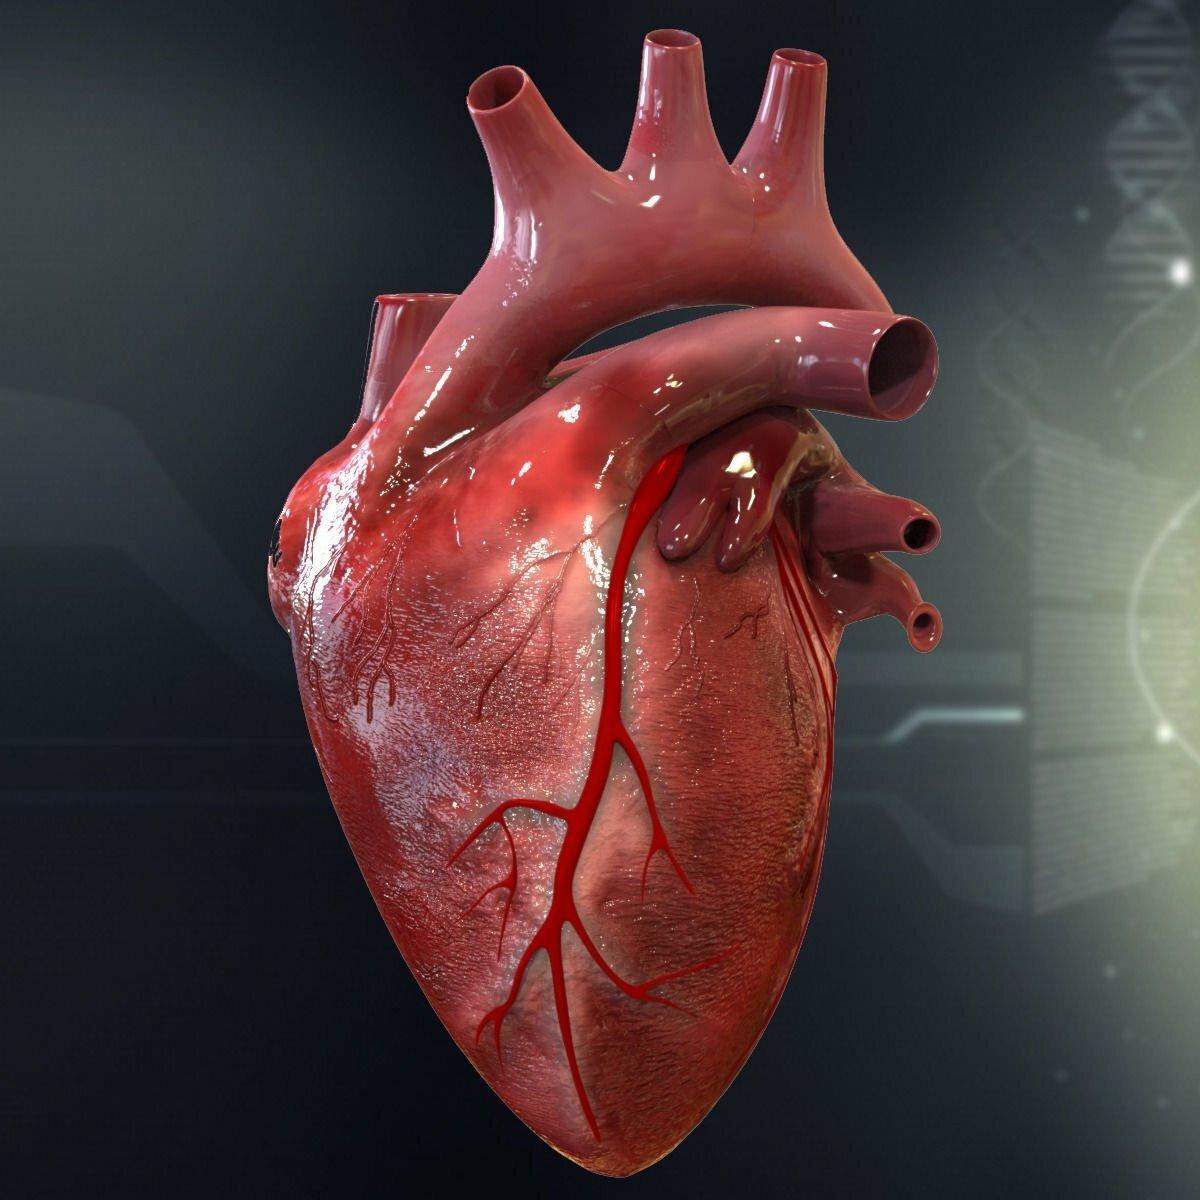 Сердце внутри картинки, почтовых